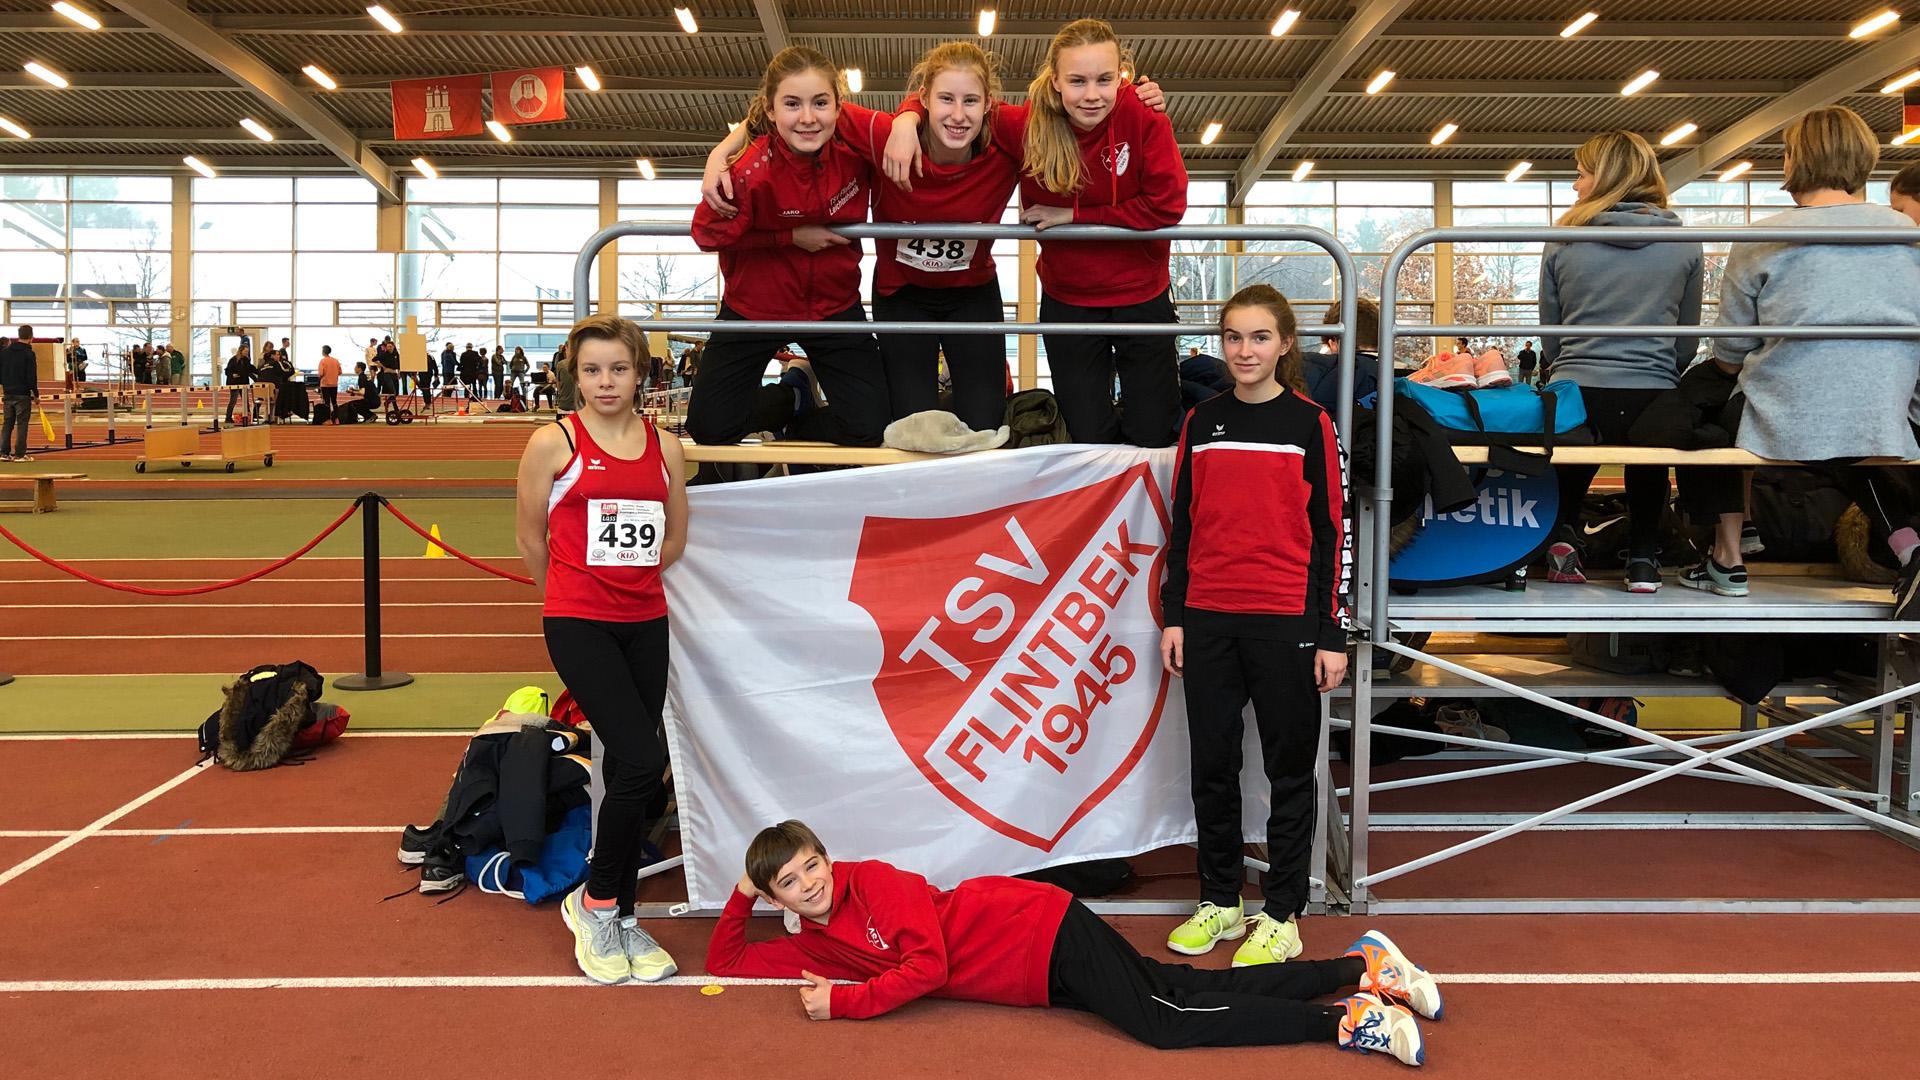 Hallenlandesmeisterschaften: U16 mit einem kompletten Medaillensatz